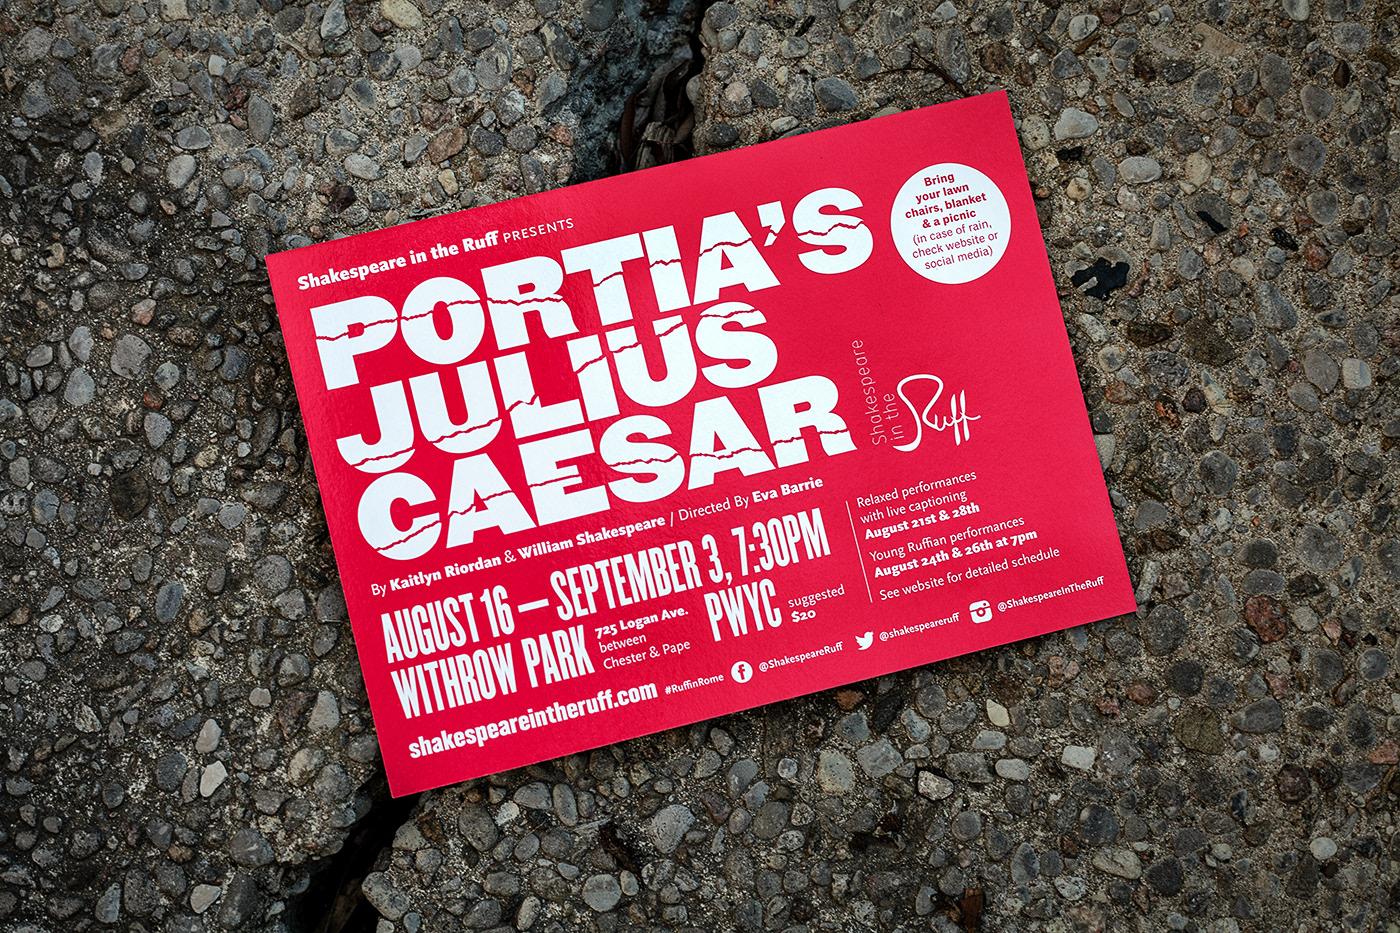 Portia's Julius Caesar postcard